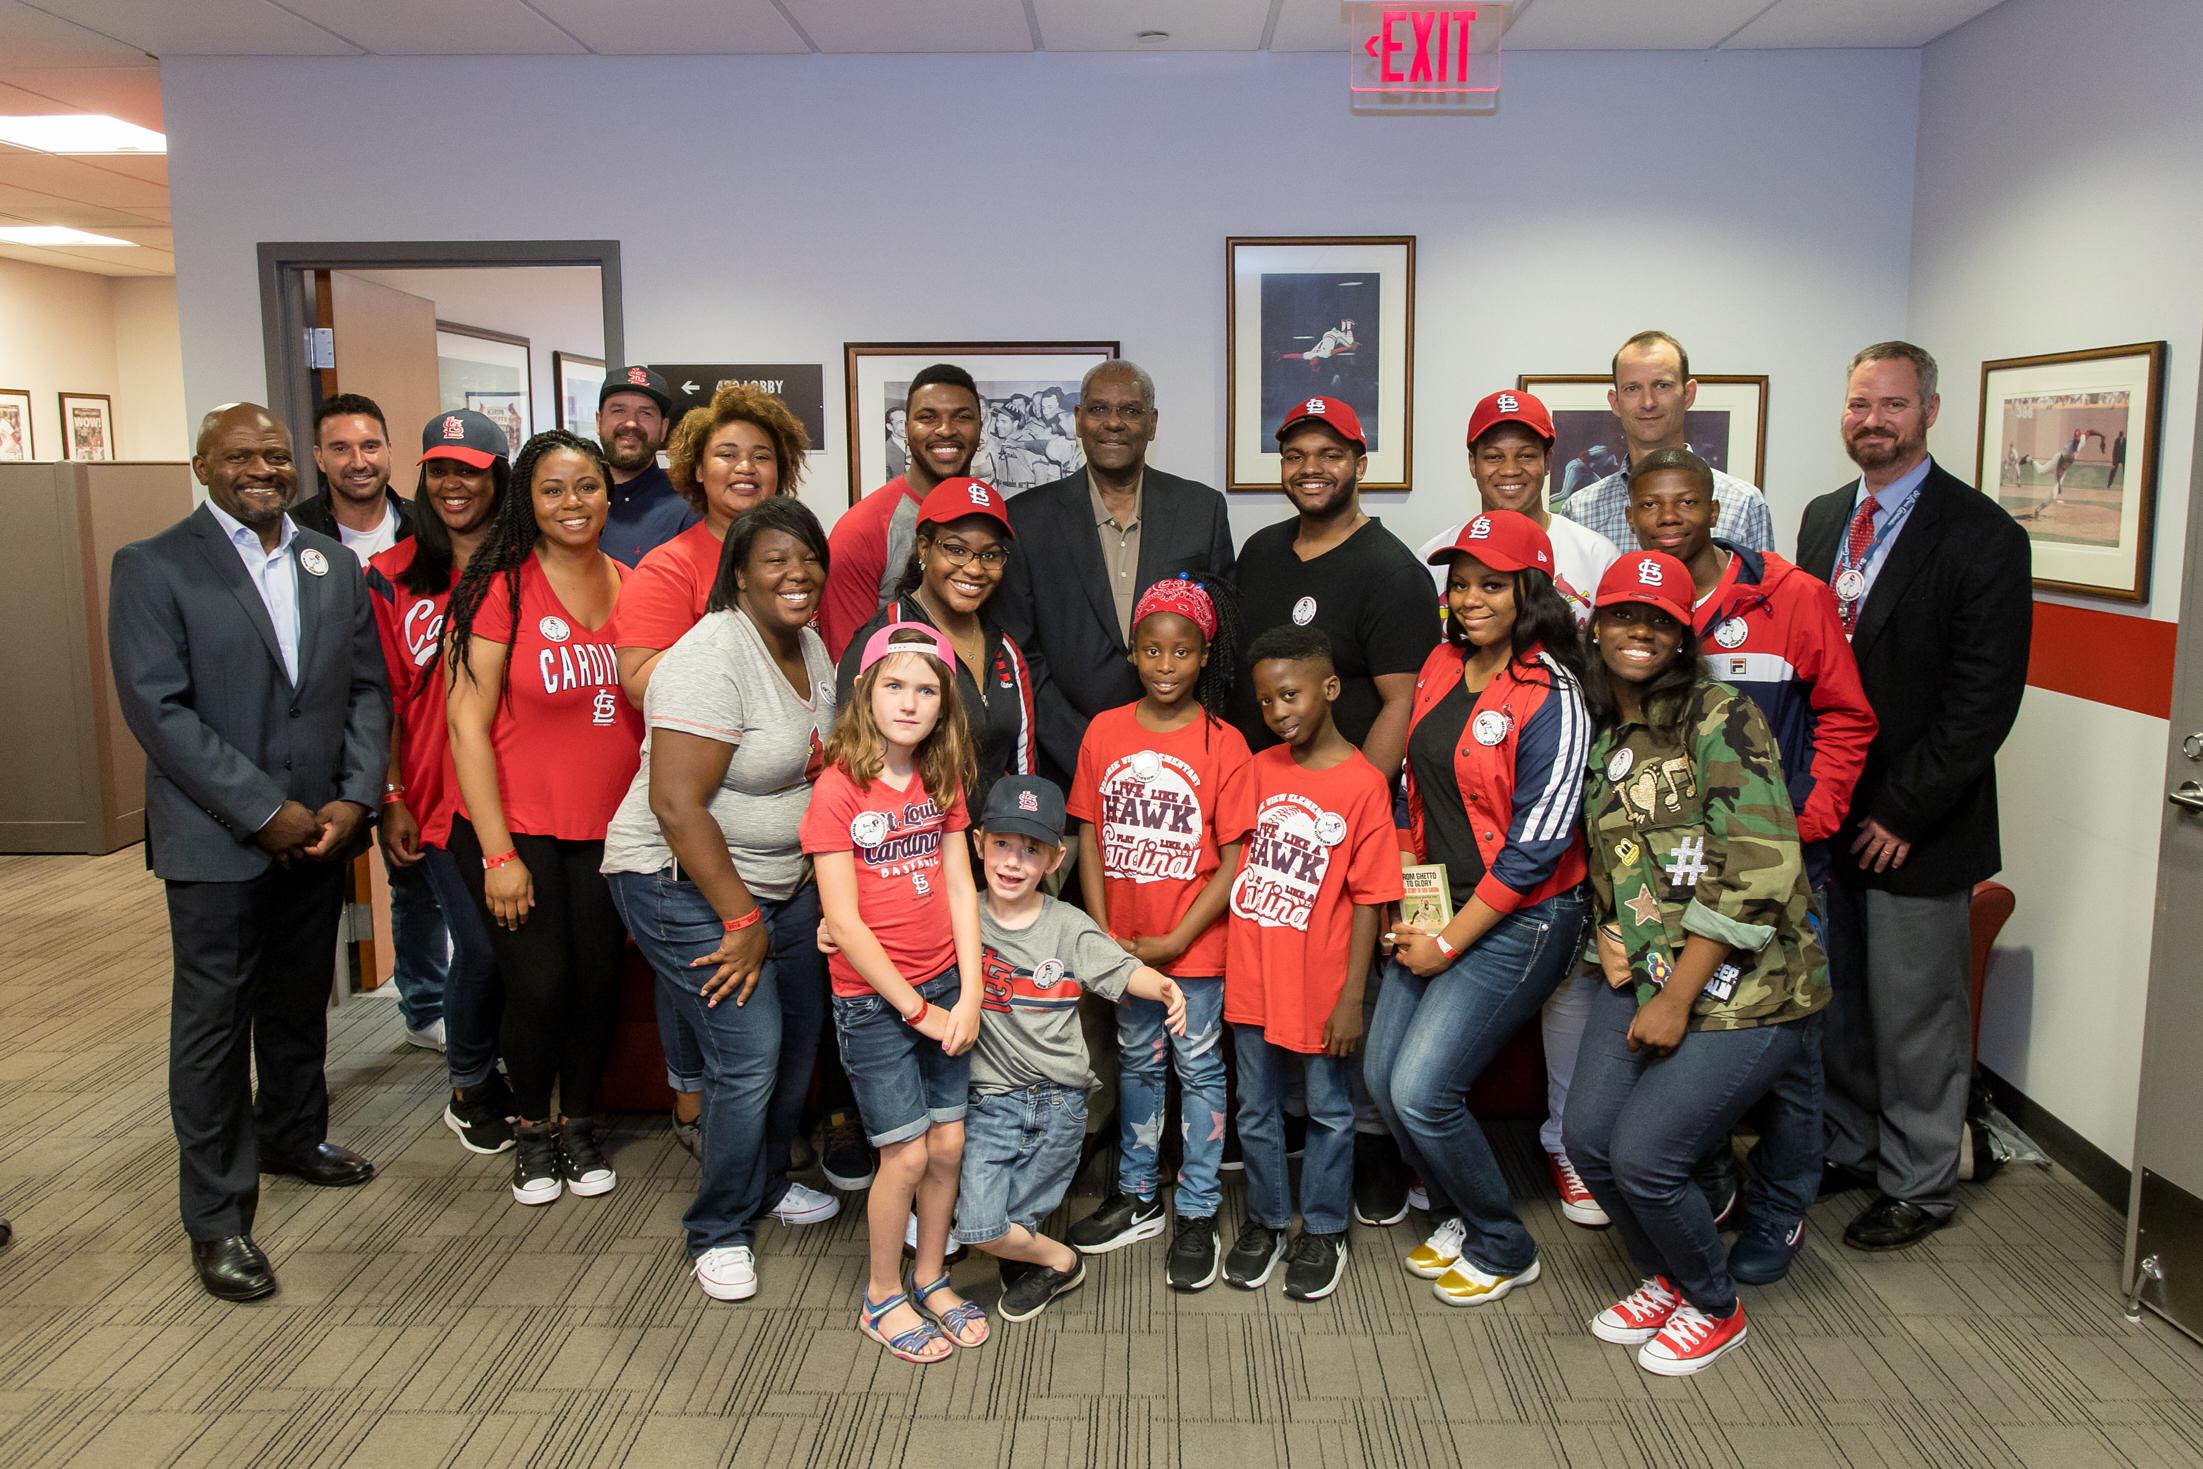 photo credit: Ben Munson/St. Louis Cardinals